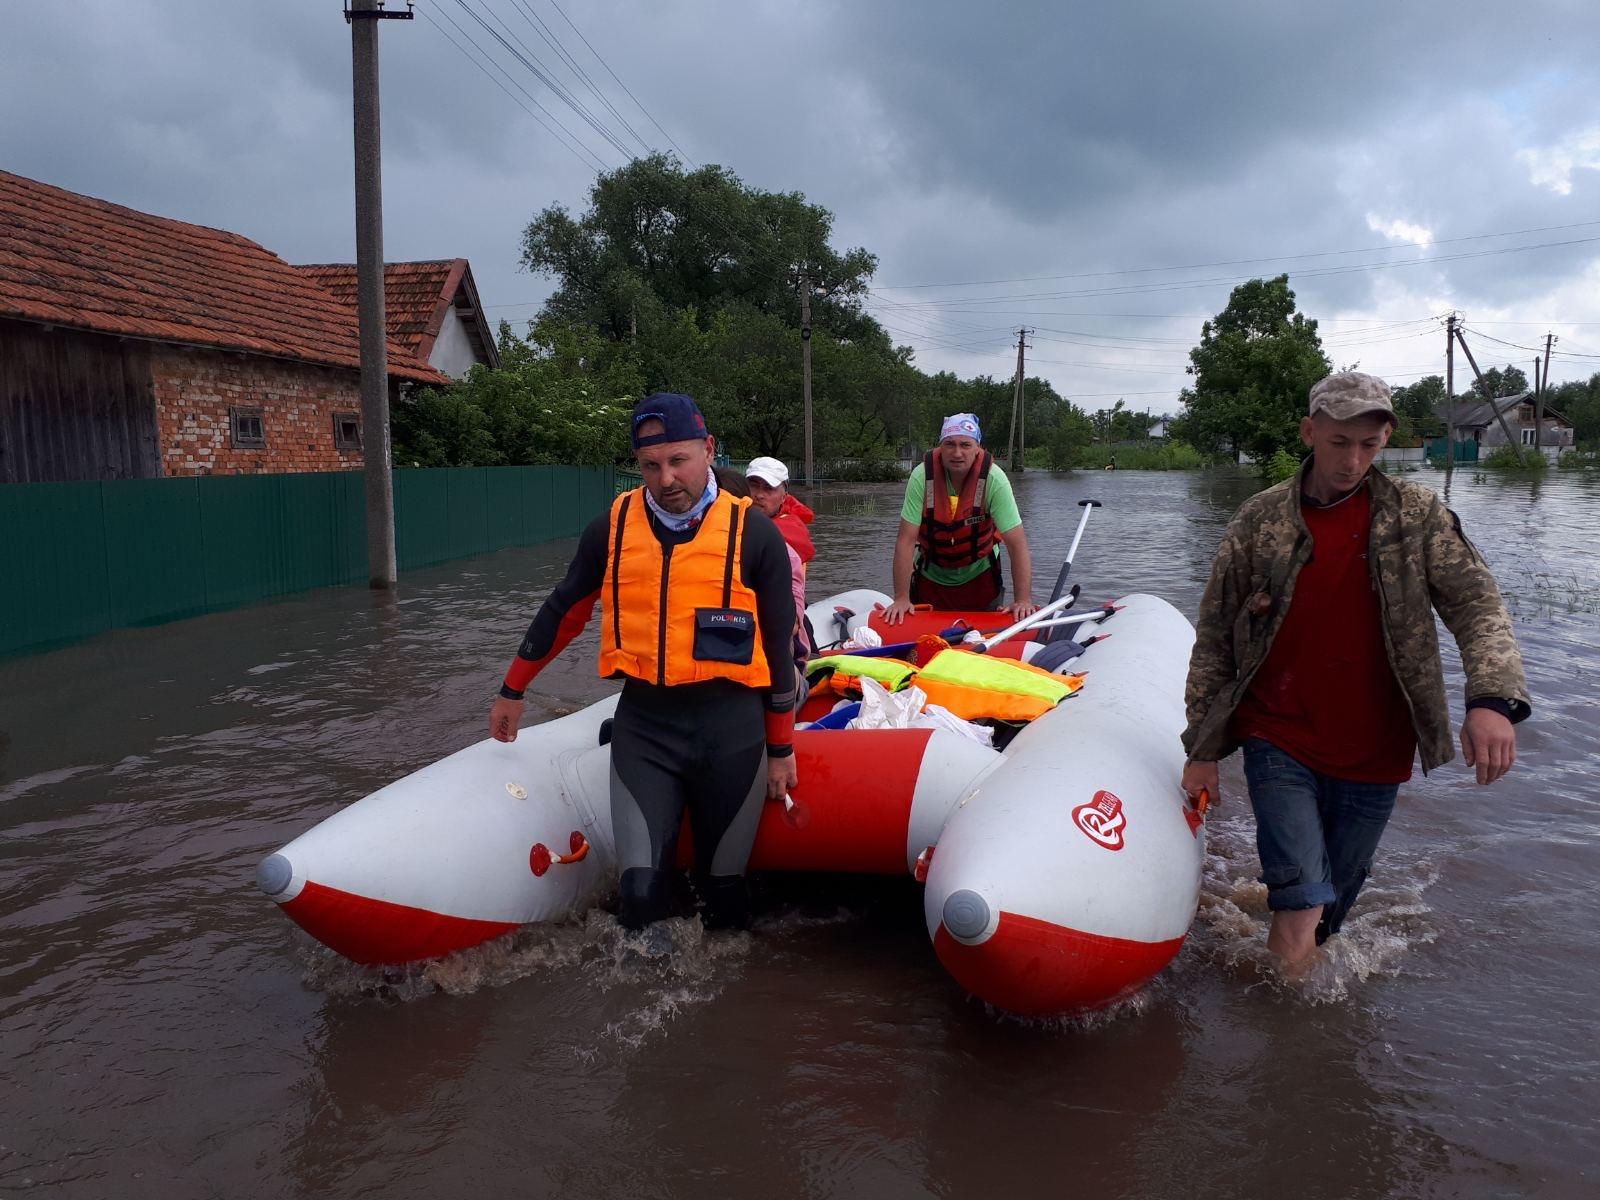 На катерах проти течії. Як прикарпатські волонтери рятували людей під час повені (ФОТО)